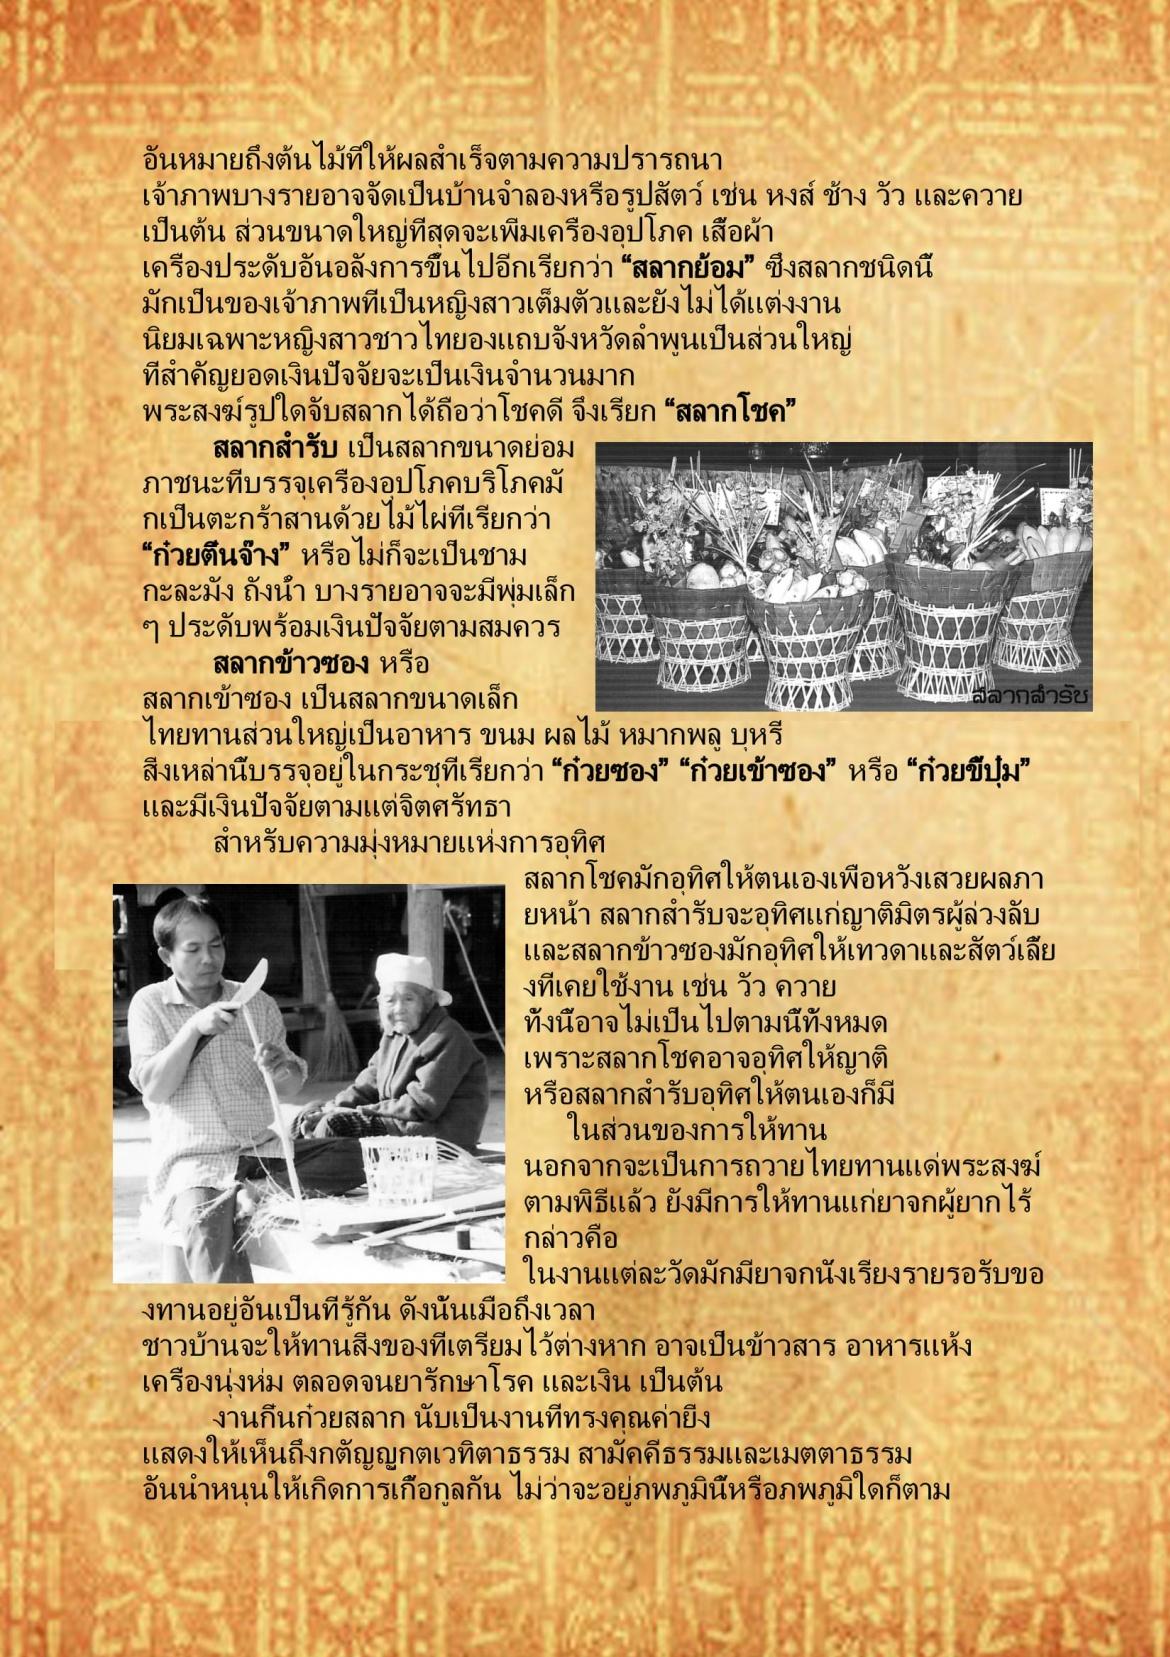 กิ๋นก๋วยสลาก (4) - 10 ตุลาคม 2559